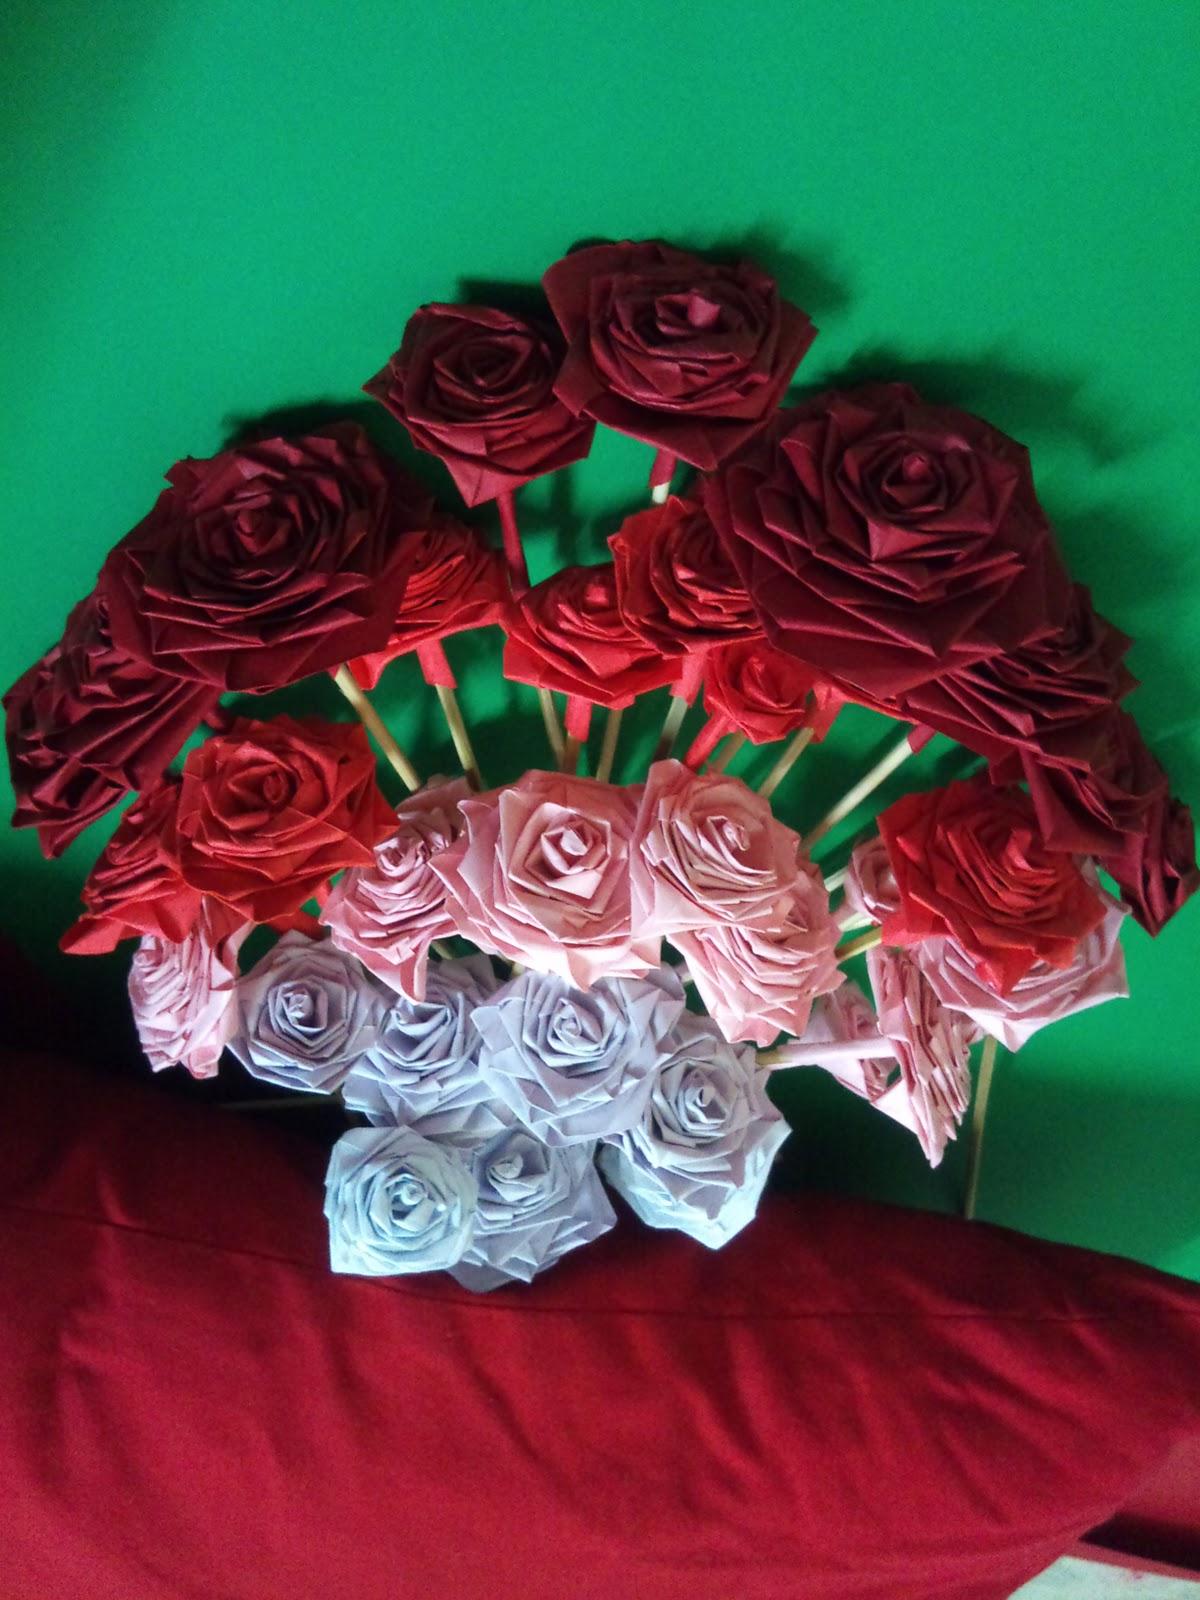 Artikel tentang Bunga Dari Kertas Origami hanya ada di cahousekeeping